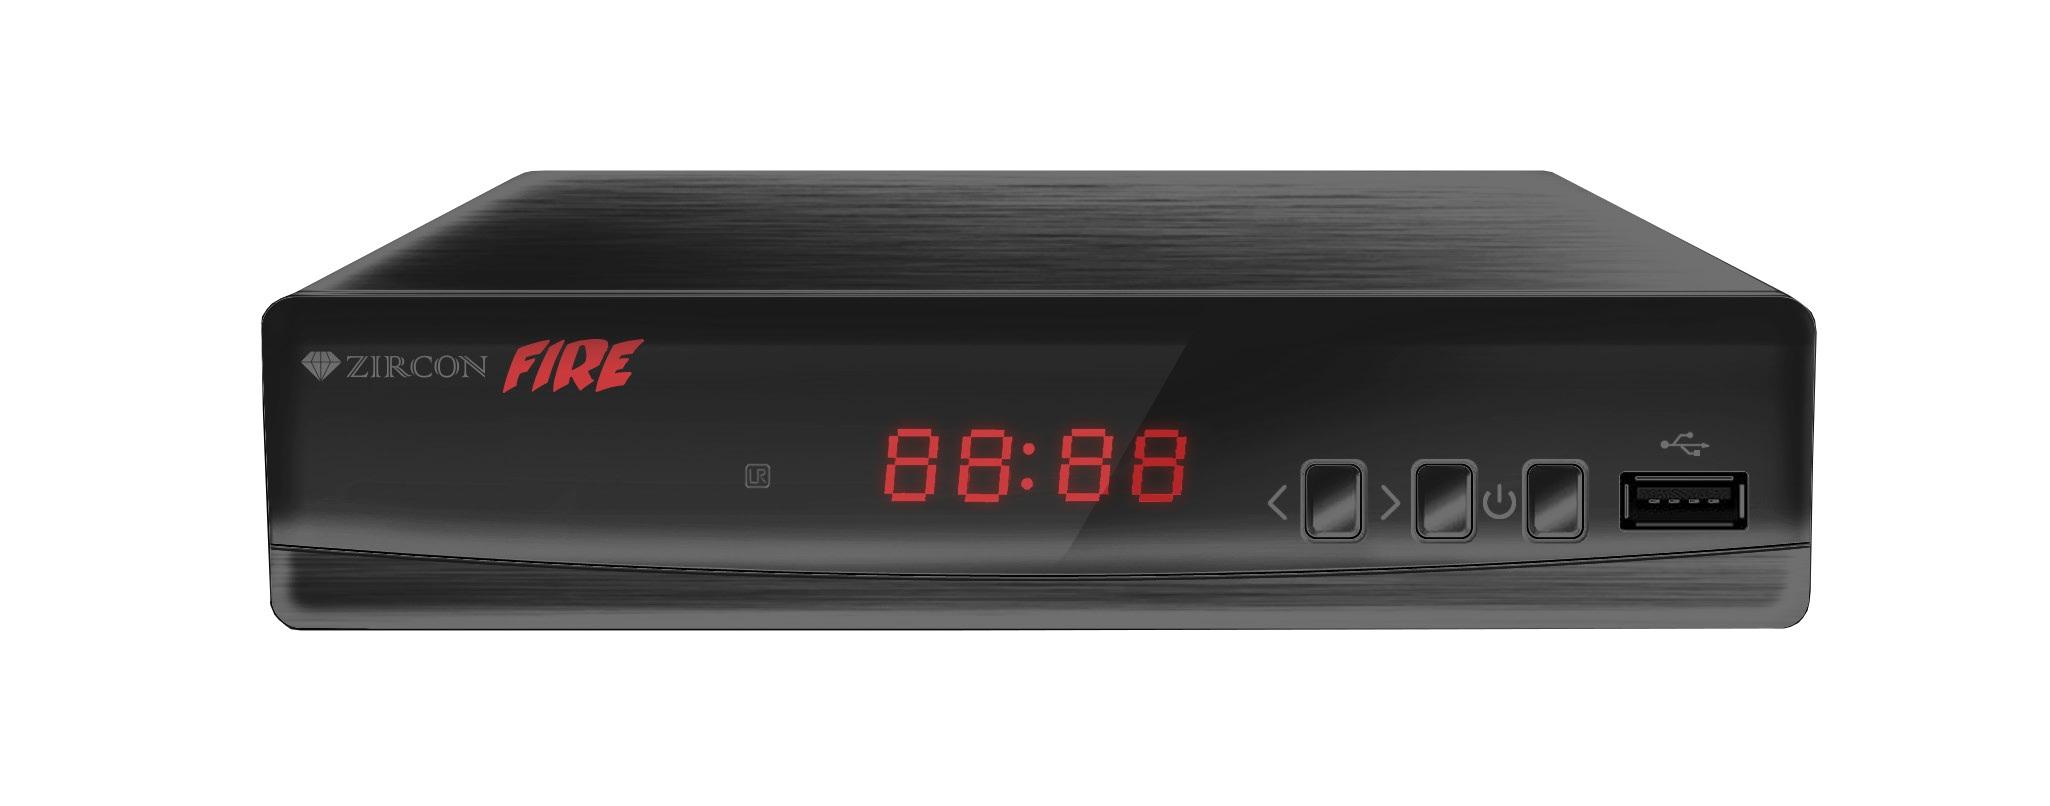 ZIRCON FIRE DVB-T2 HD přijímač s HEVC DVB-T2 ověřeno